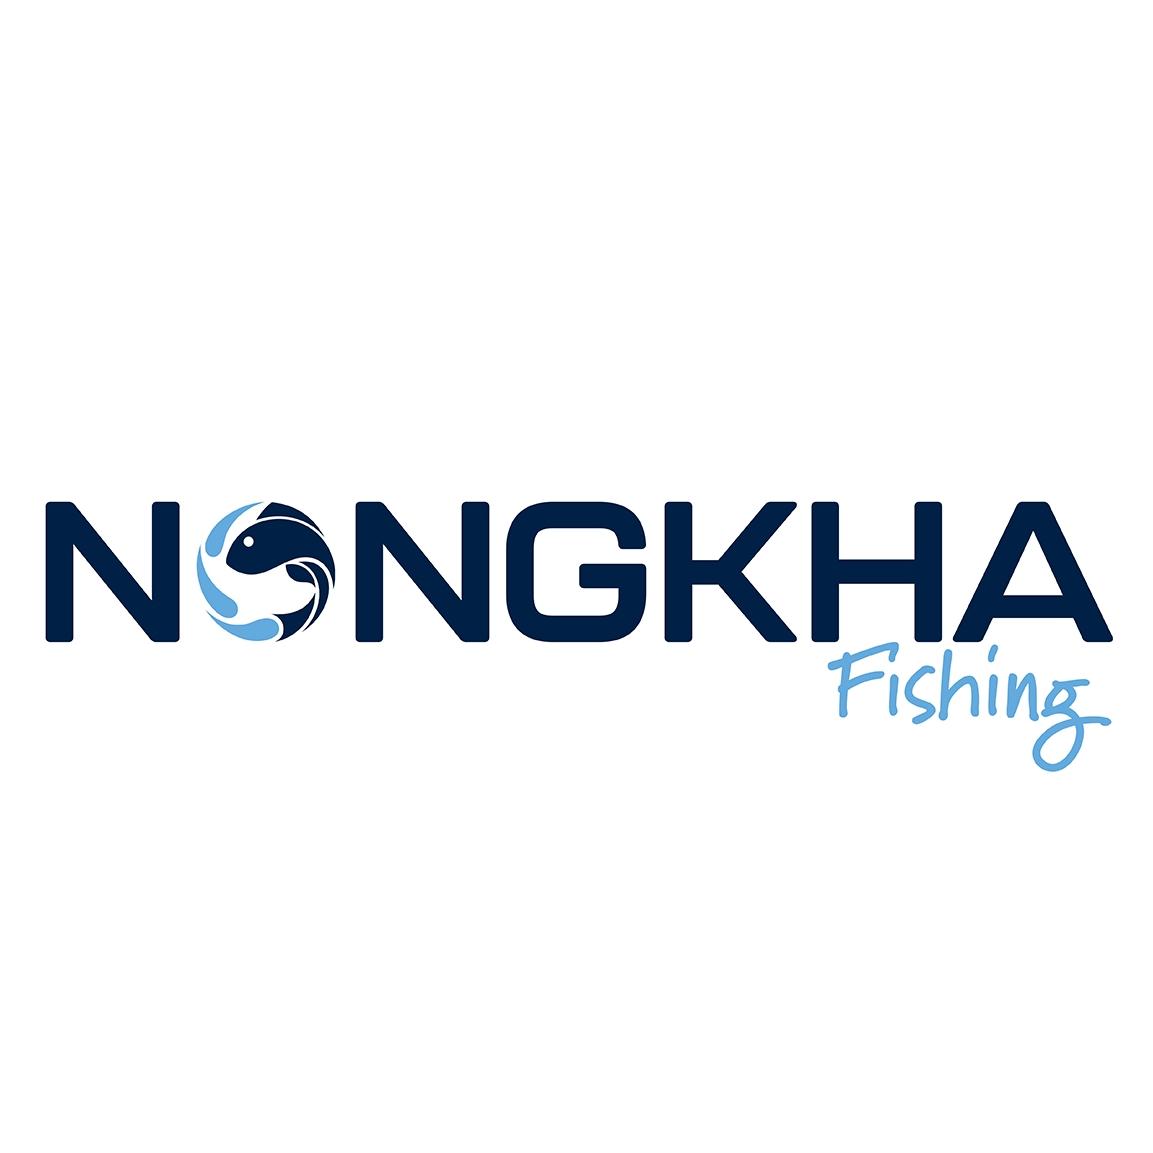 Nongkha